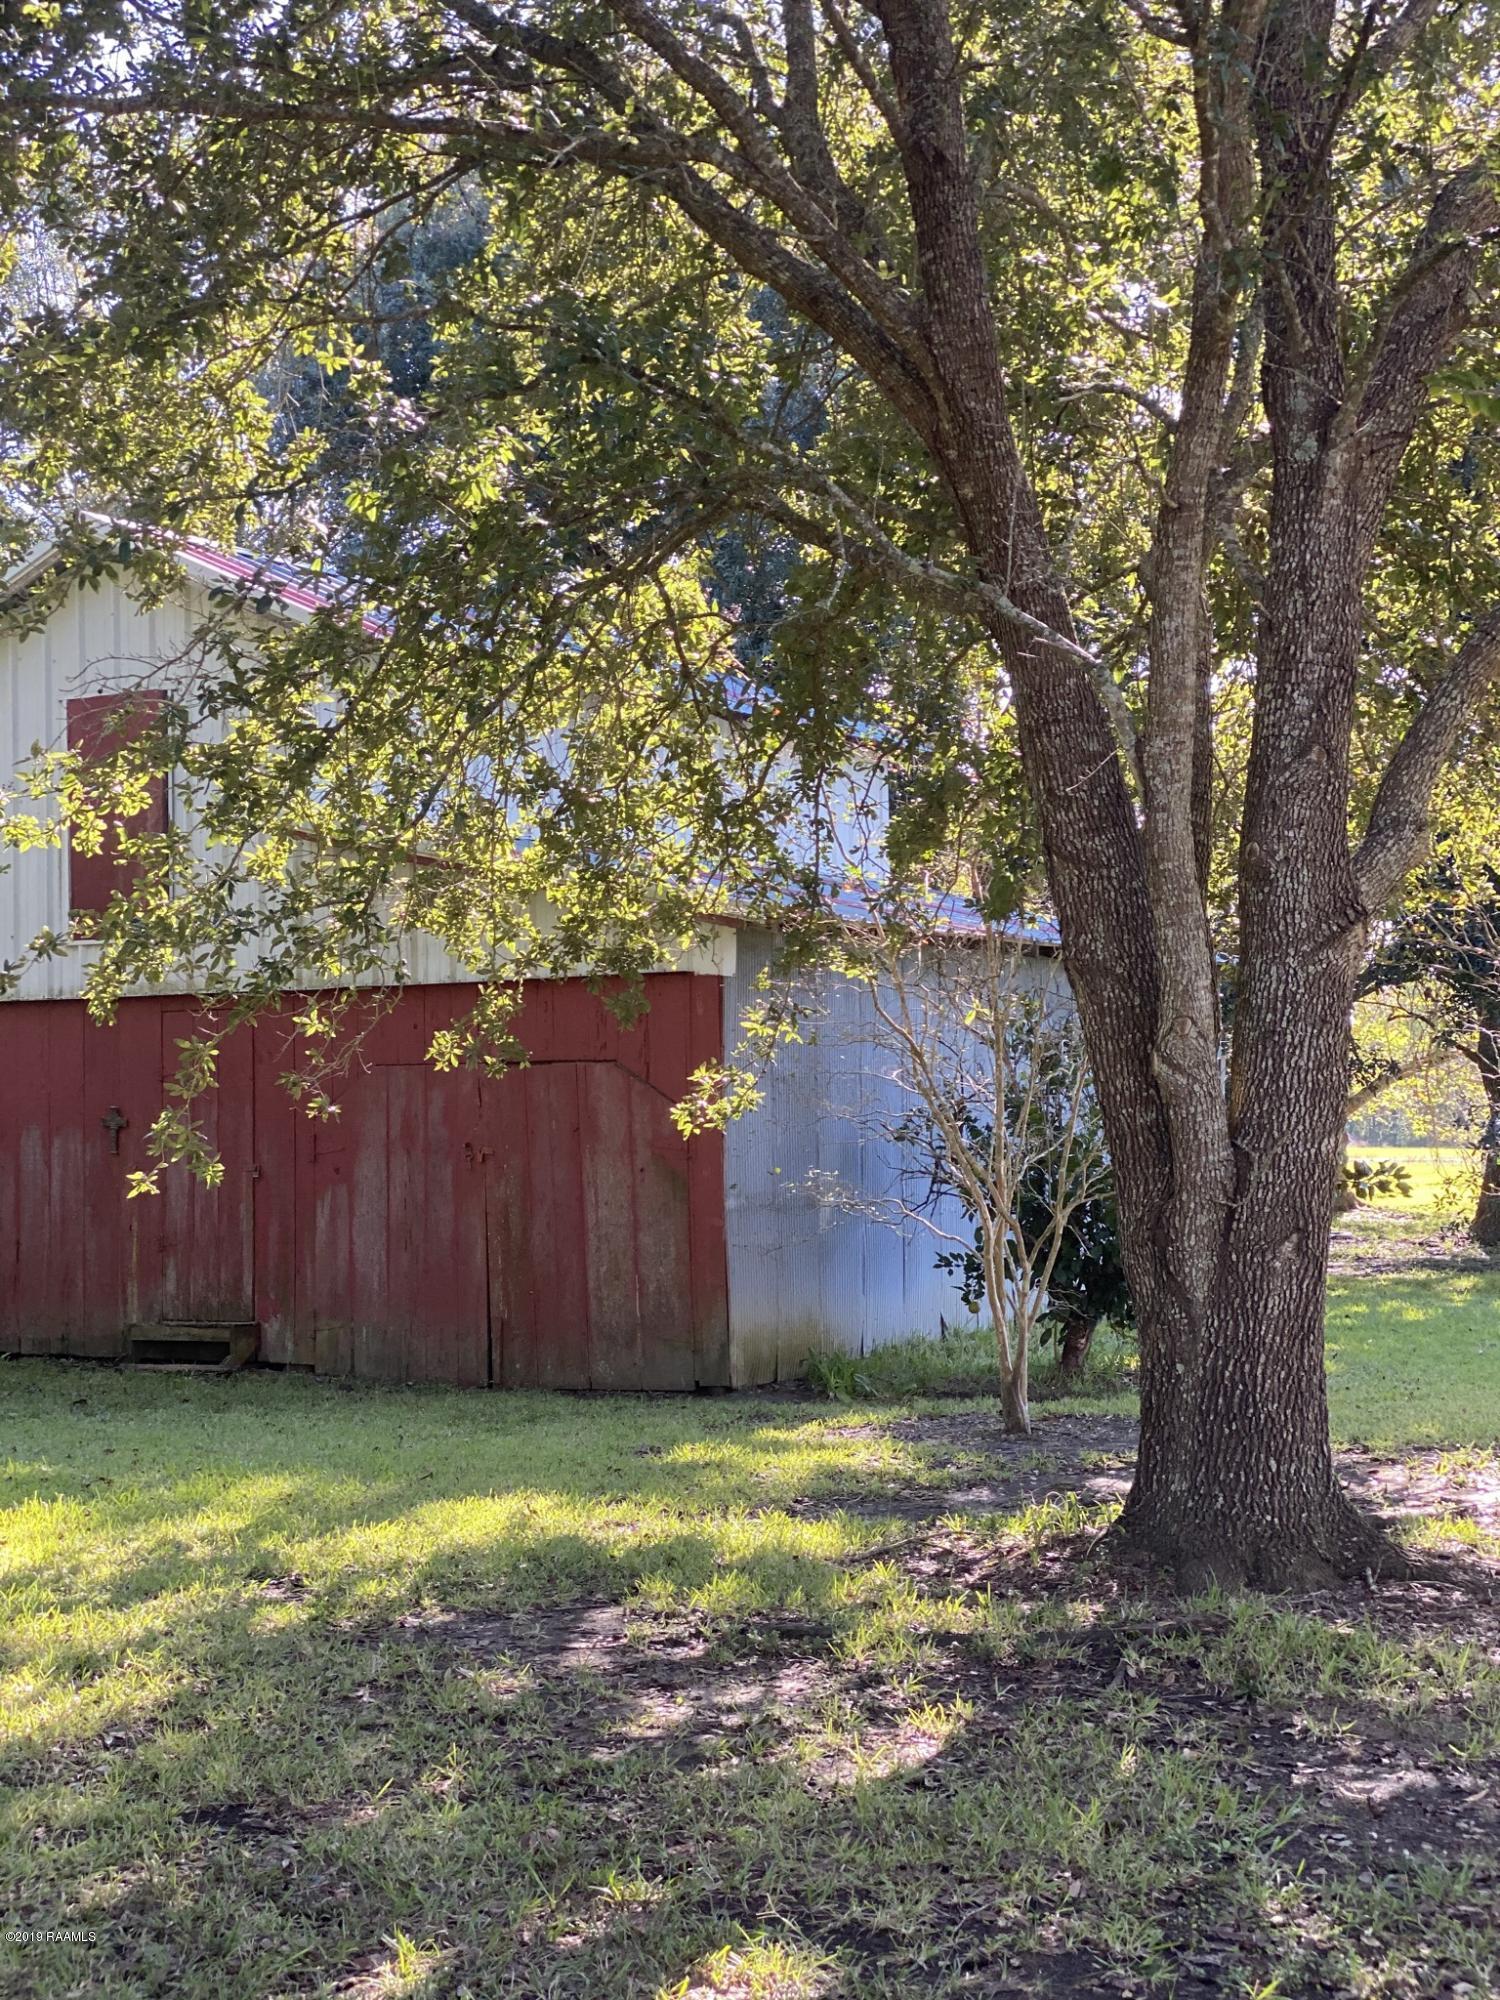 1145 Begnaud Rd Road, Arnaudville, LA 70512 Photo #9